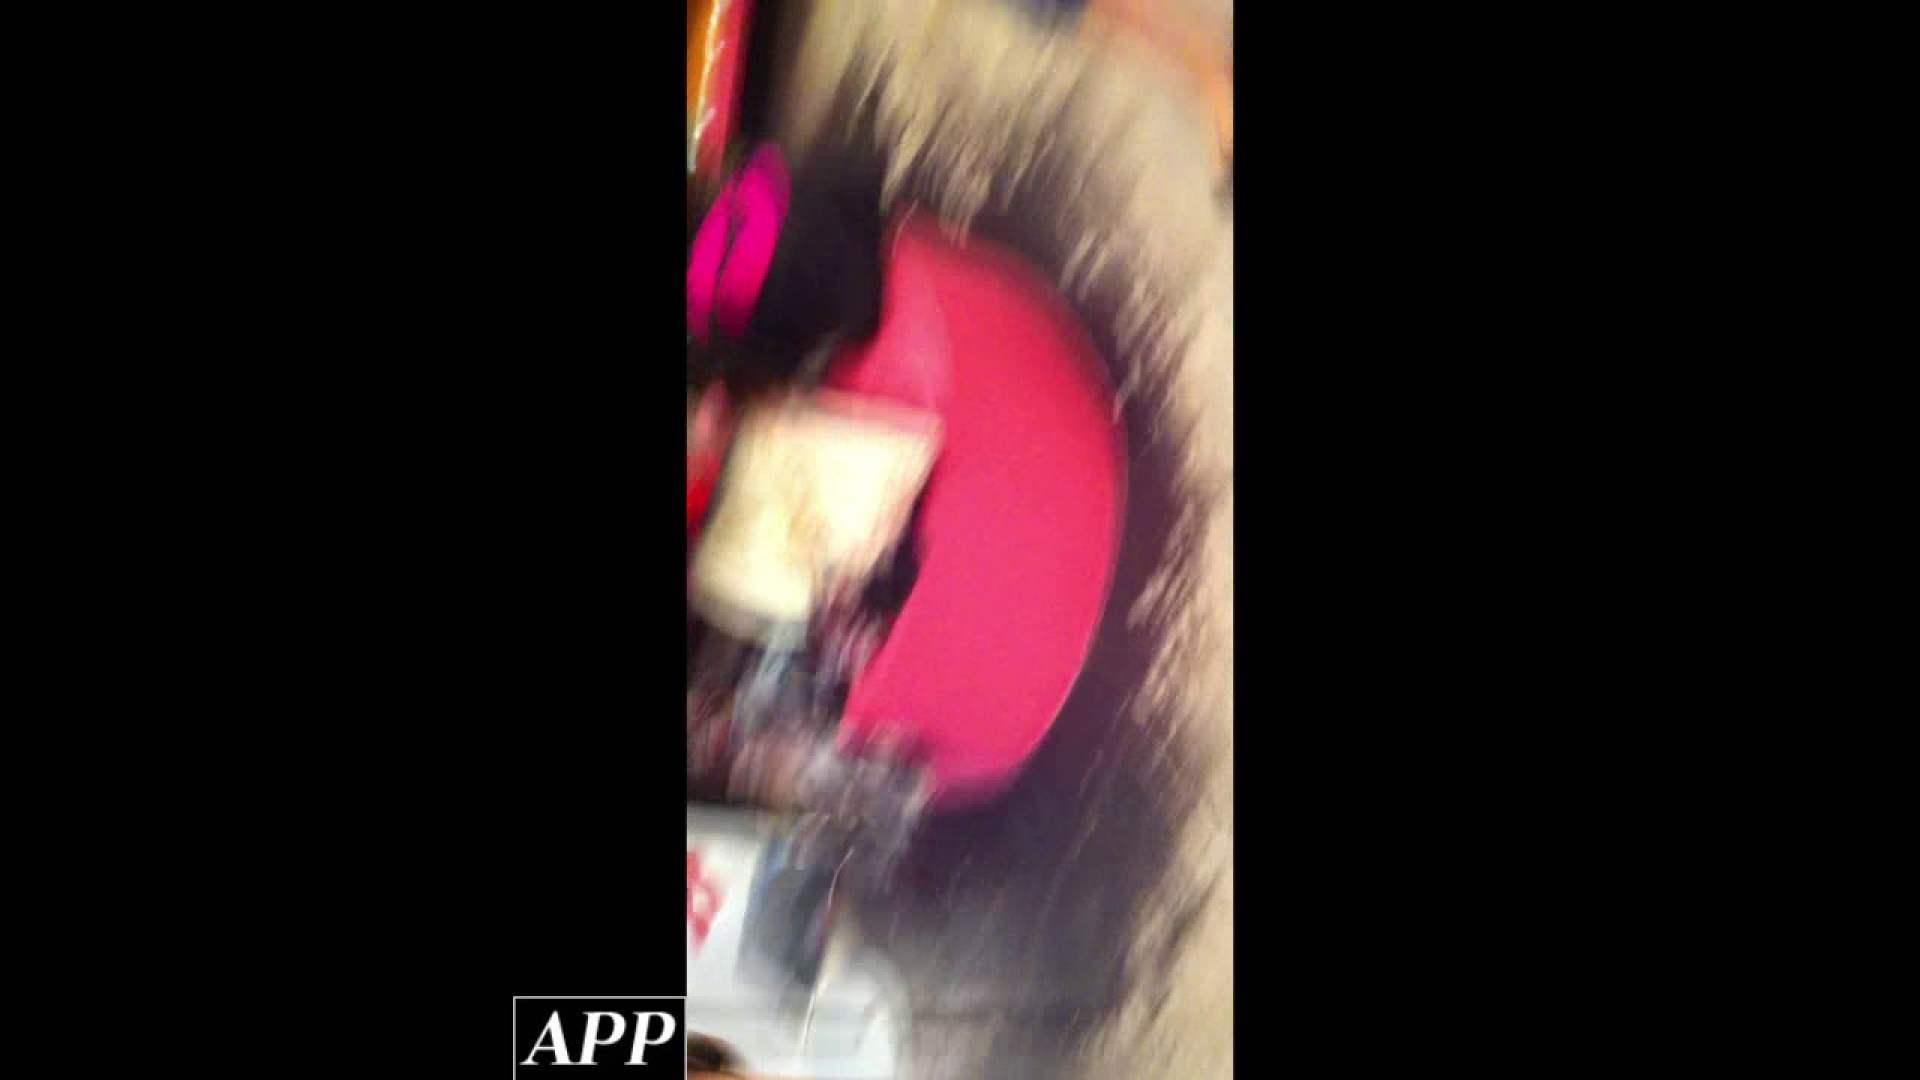 ハイビジョン盗撮!ショップ店員千人斬り!胸チラ編 vol.91 胸チラ すけべAV動画紹介 70連発 34